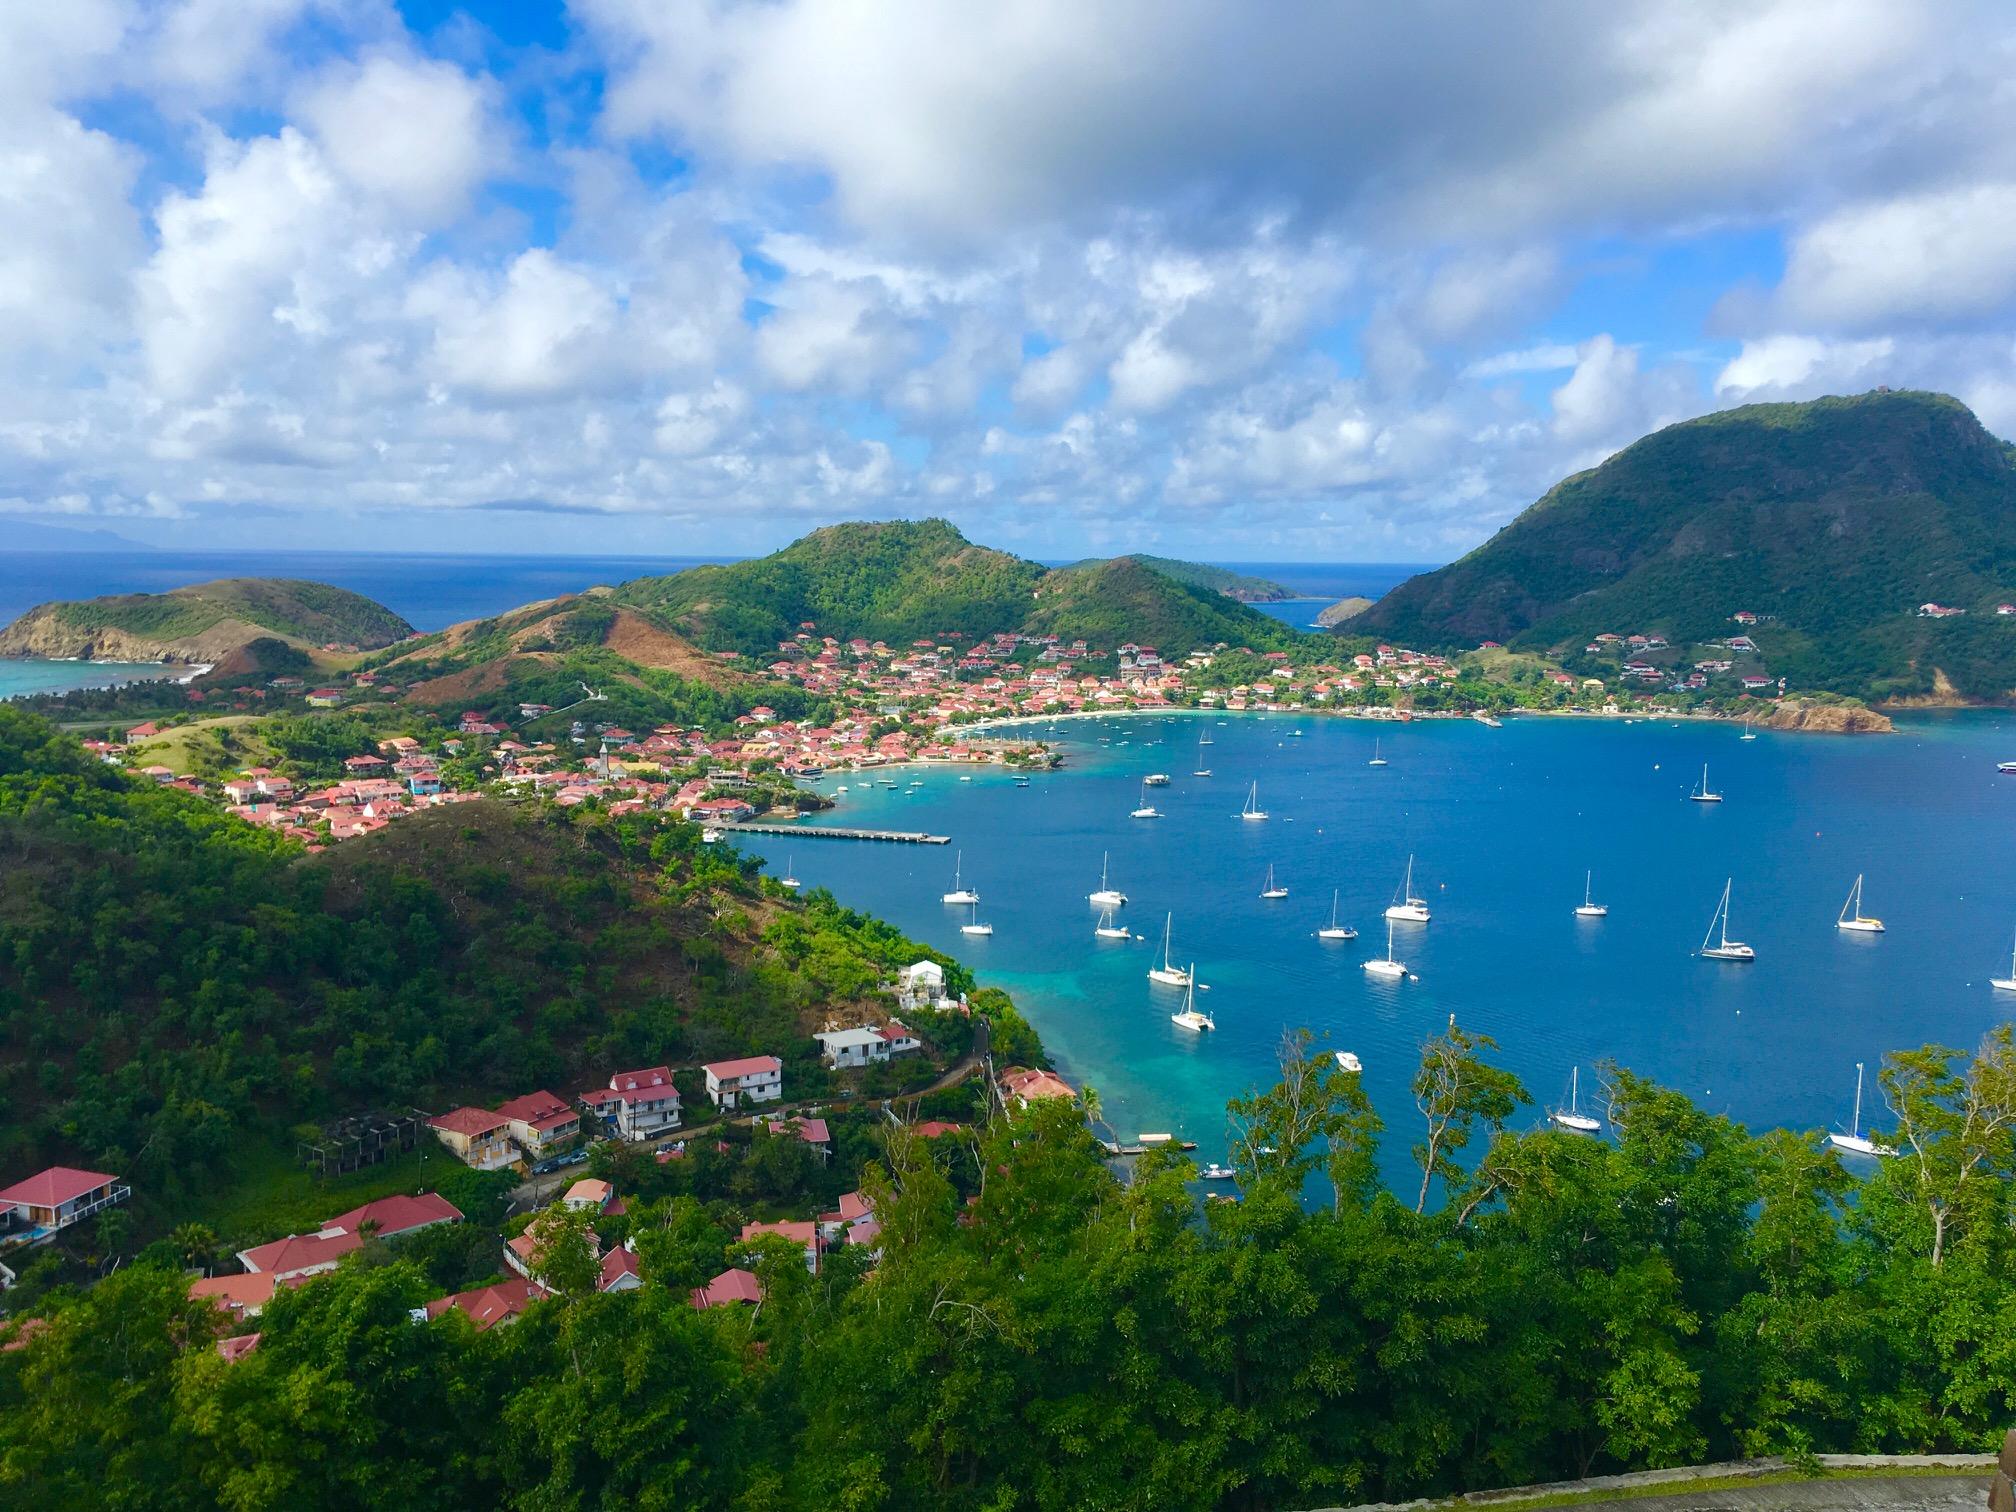 La Guadeloupe dans le top 10 des destinations les plus recherchées des Français